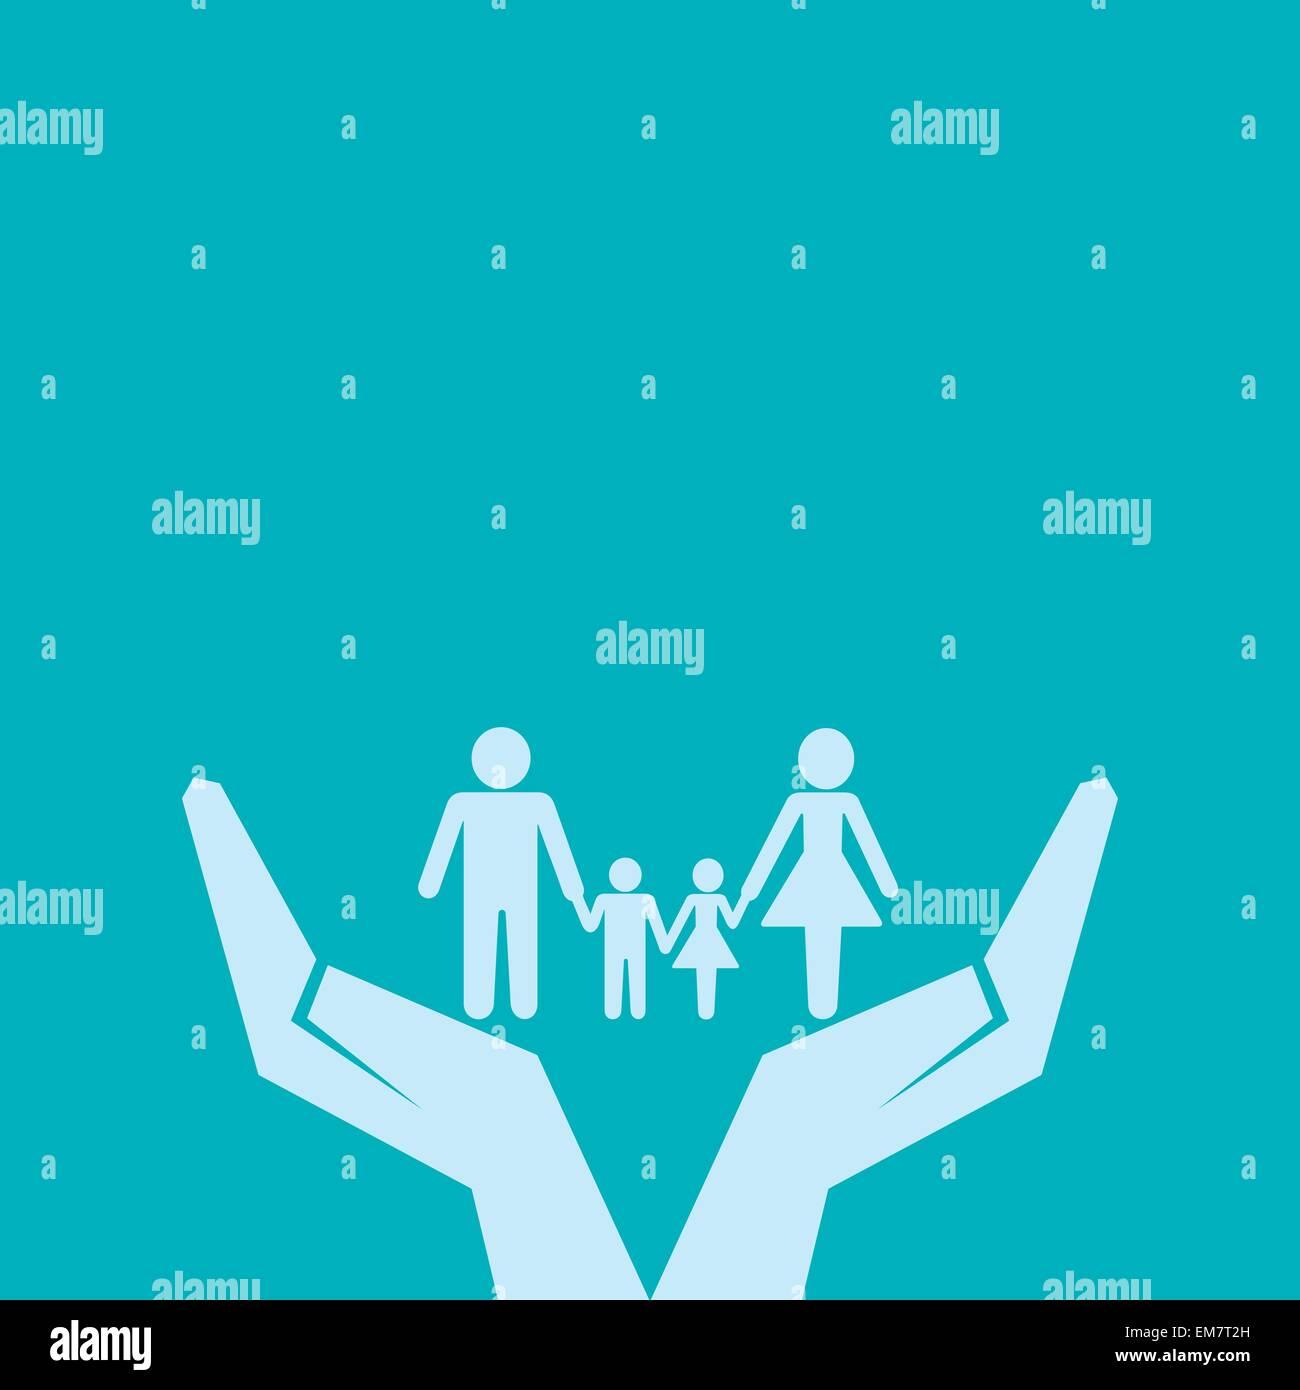 sichern oder Familie unter Hand-Konzept zu retten Stock Vektor